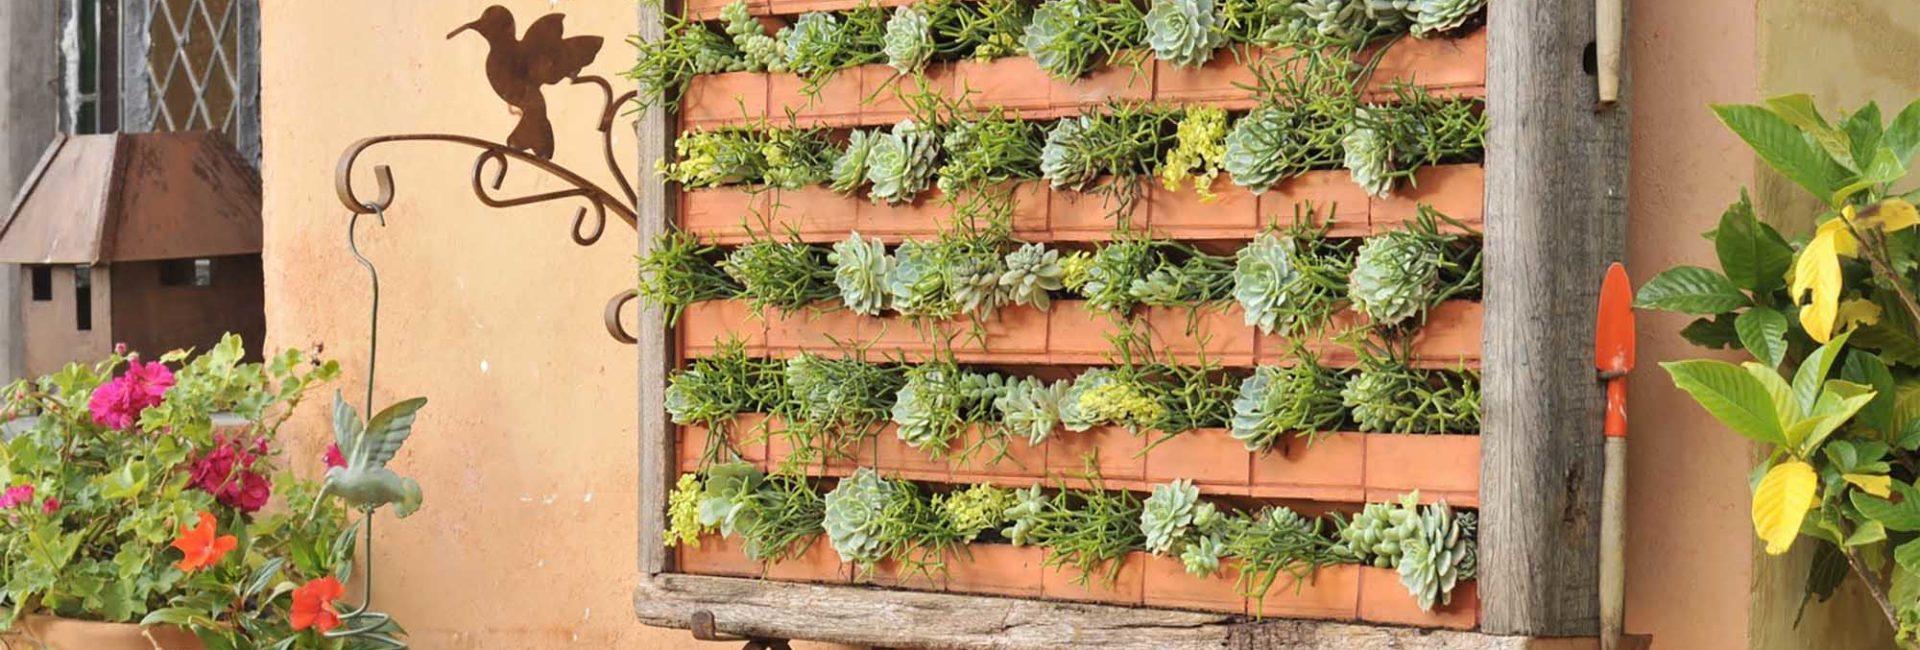 Espécies de suculentas em canteiros em jardim vertical.